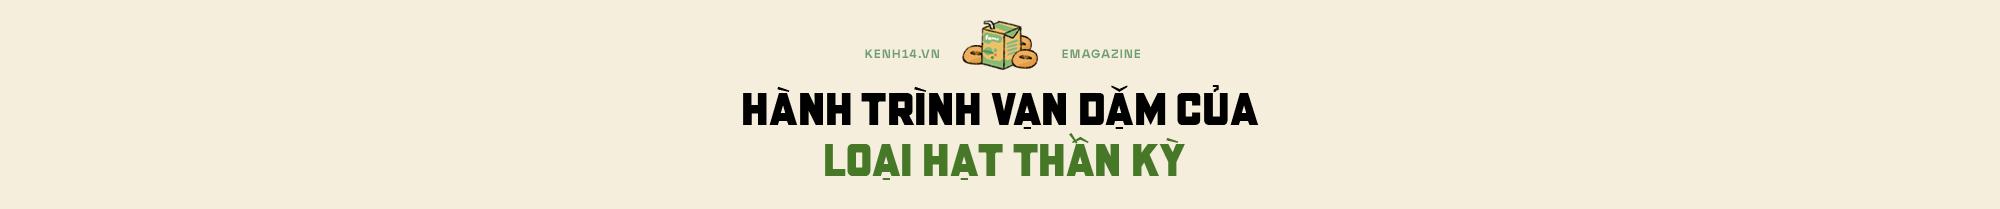 Hạt vàng đậu nành và những giá trị theo cùng sức khỏe người Việt - Ảnh 1.